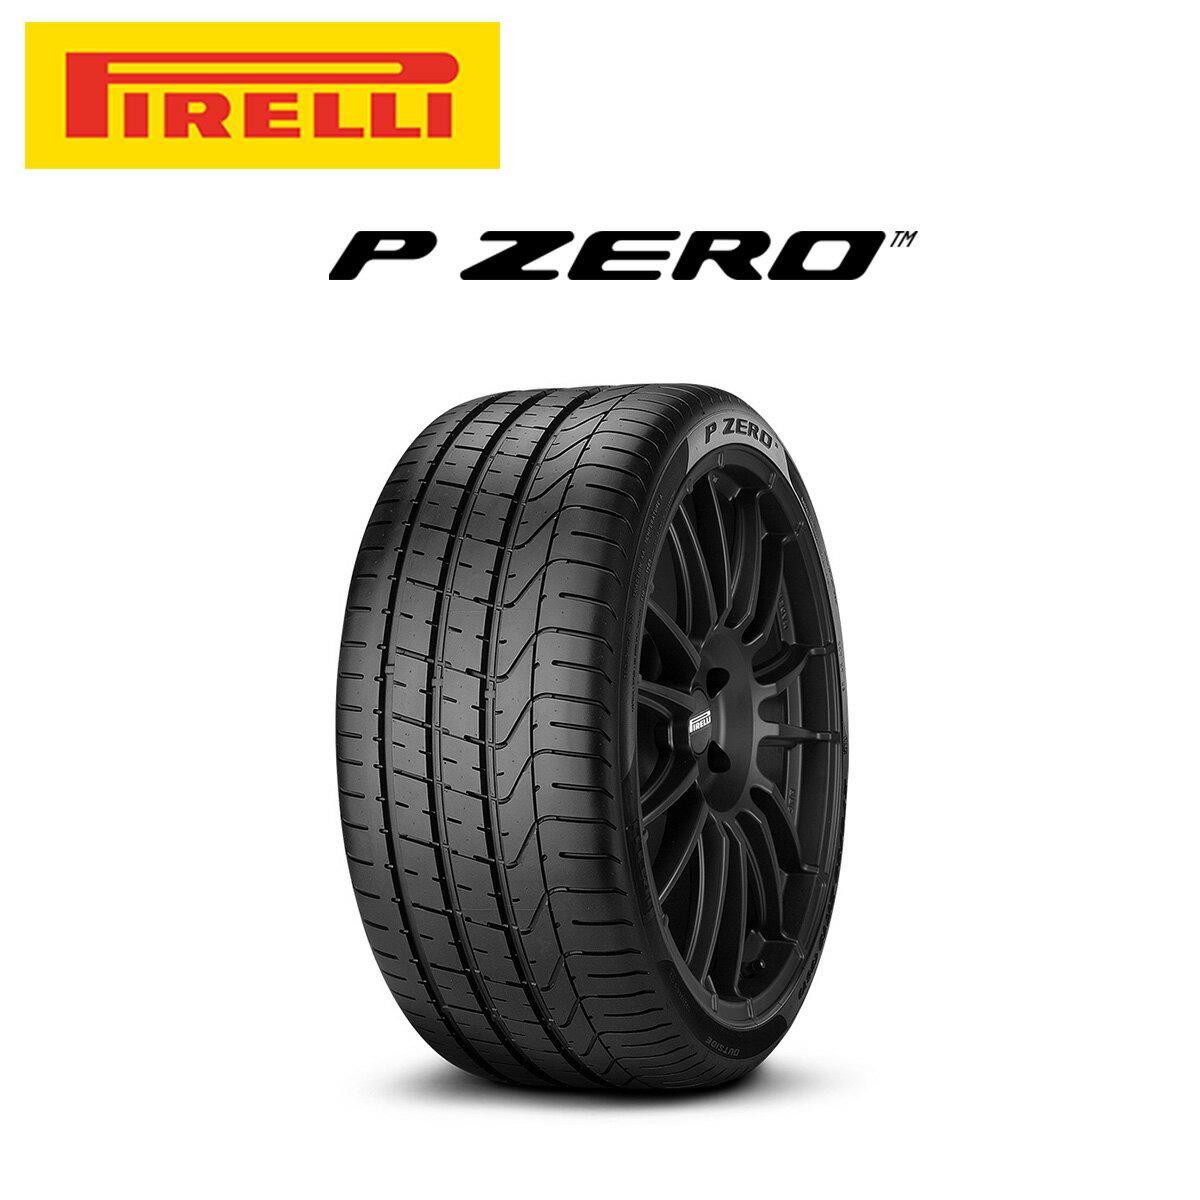 ピレリ PIRELLI P ZERO ピーゼロ 20インチ サマー タイヤ 1本 245/45ZR20 103Y XL 1791700